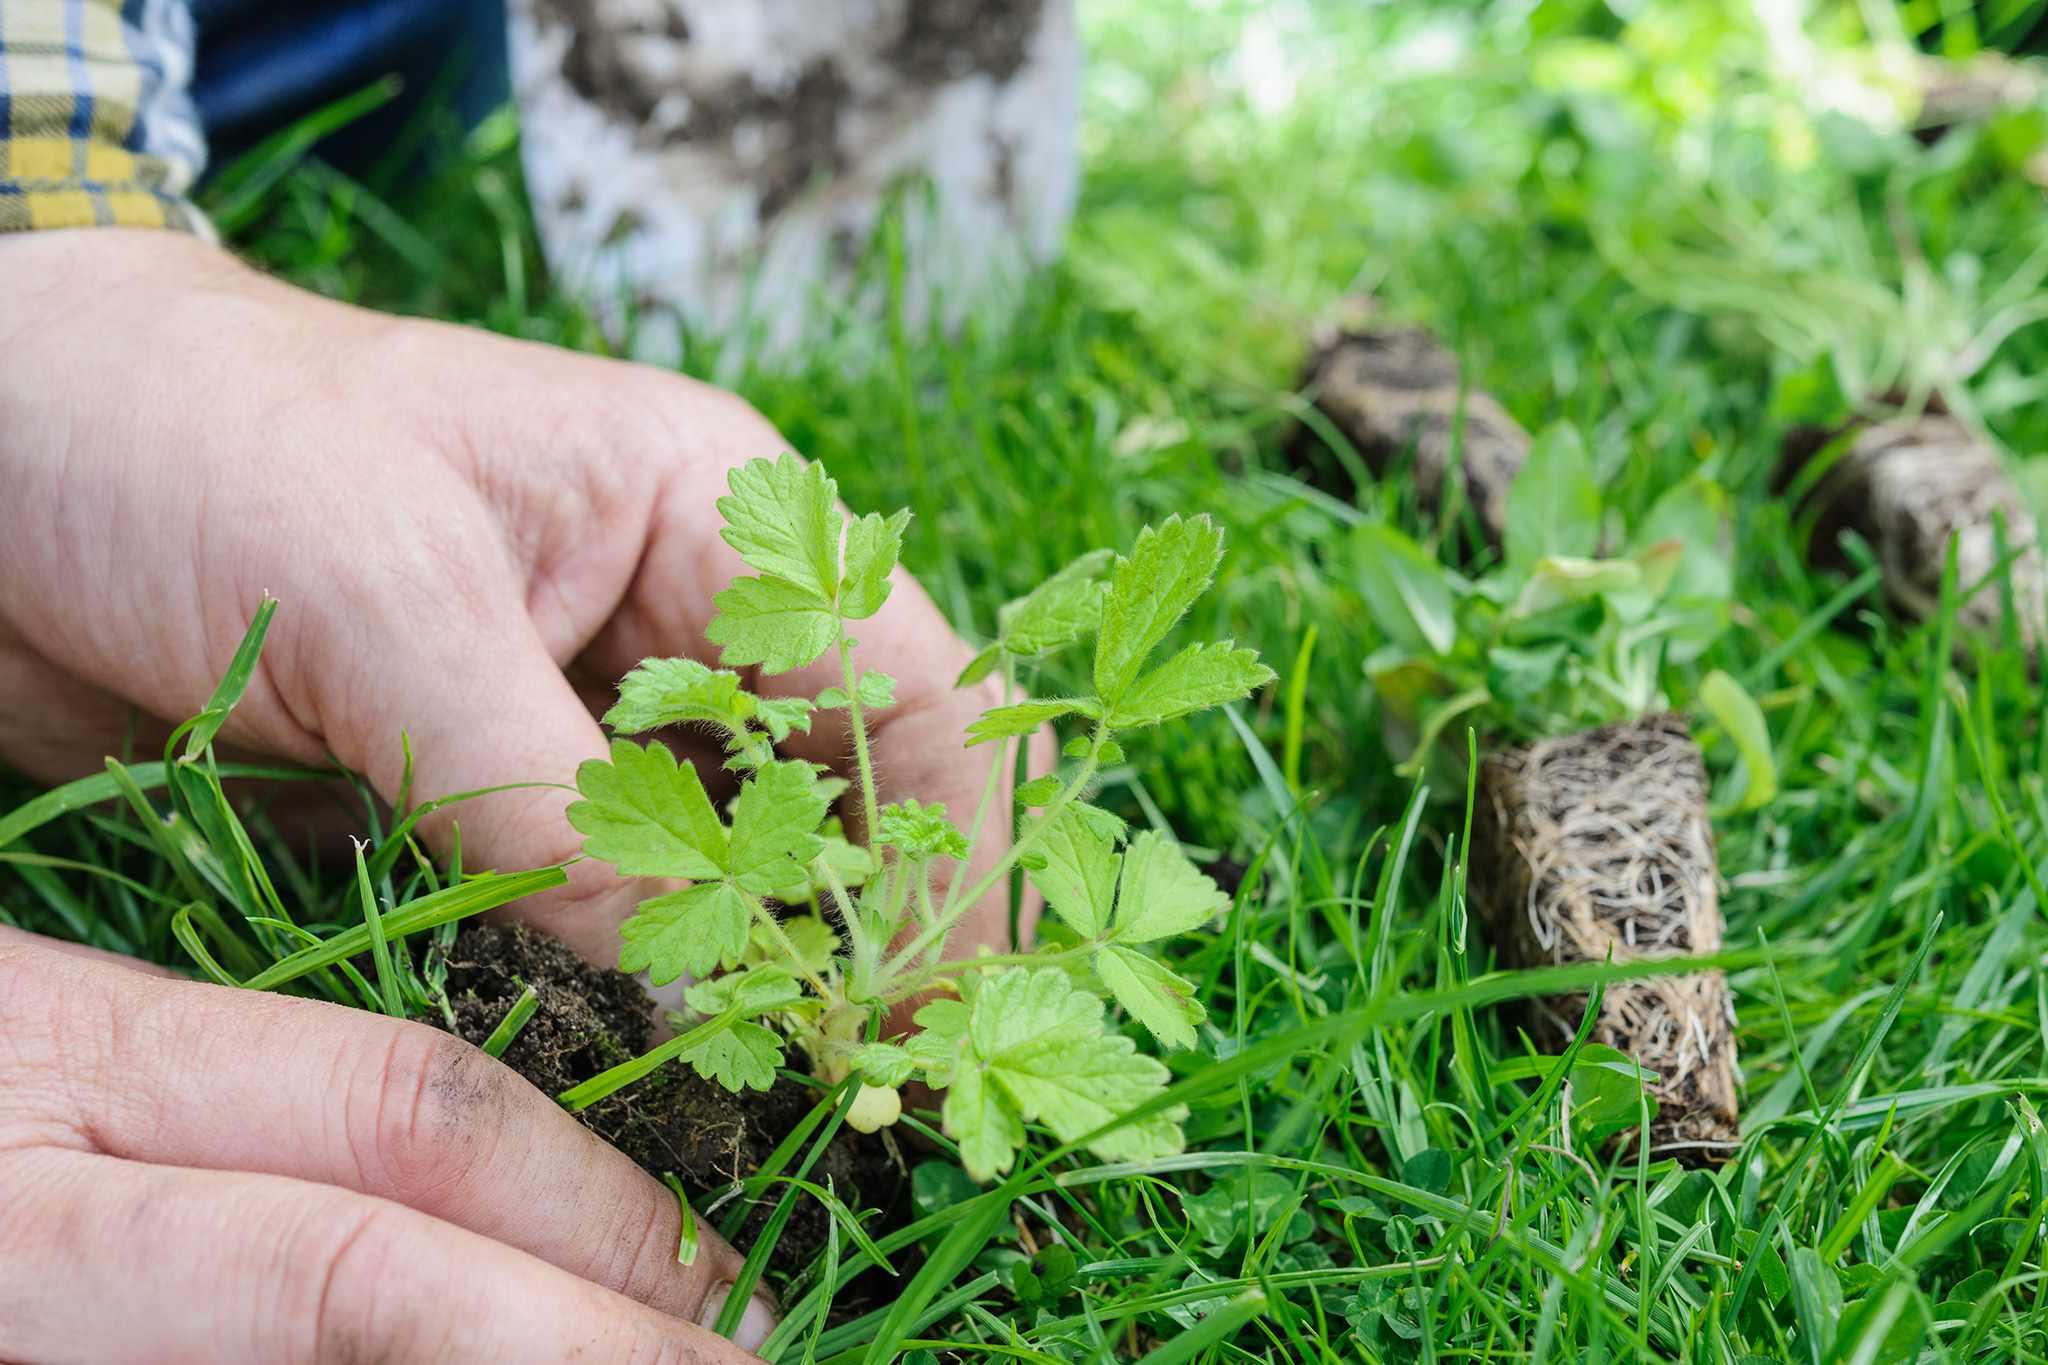 Planting wildflower plugs in turf